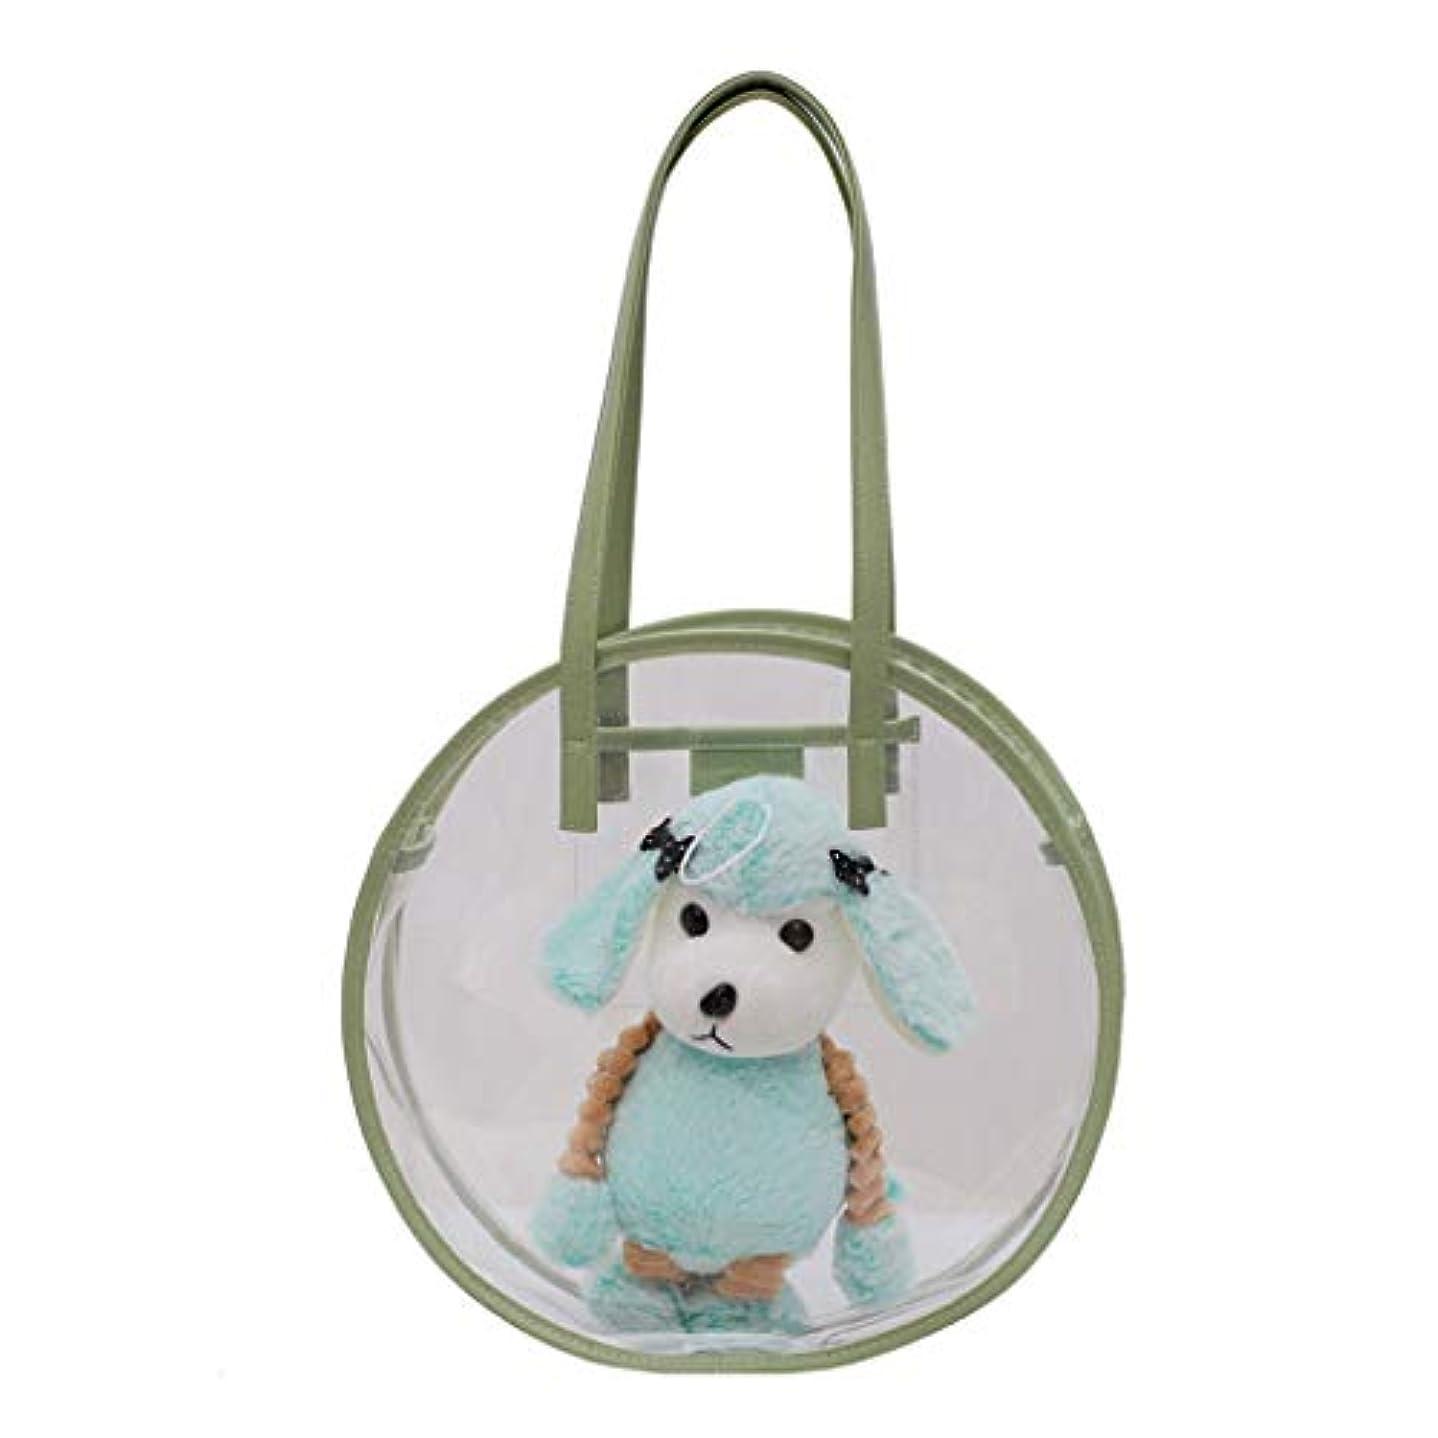 信じられない続編針かわいいファッション 犬の特徴 透明防水 ビーチバッグ ポータブル 透明化粧品バッグ 旅行用メイクポーチ ジッパー 防水 トートバッグ 取り外し可能 調整 33X9X33cm 3色